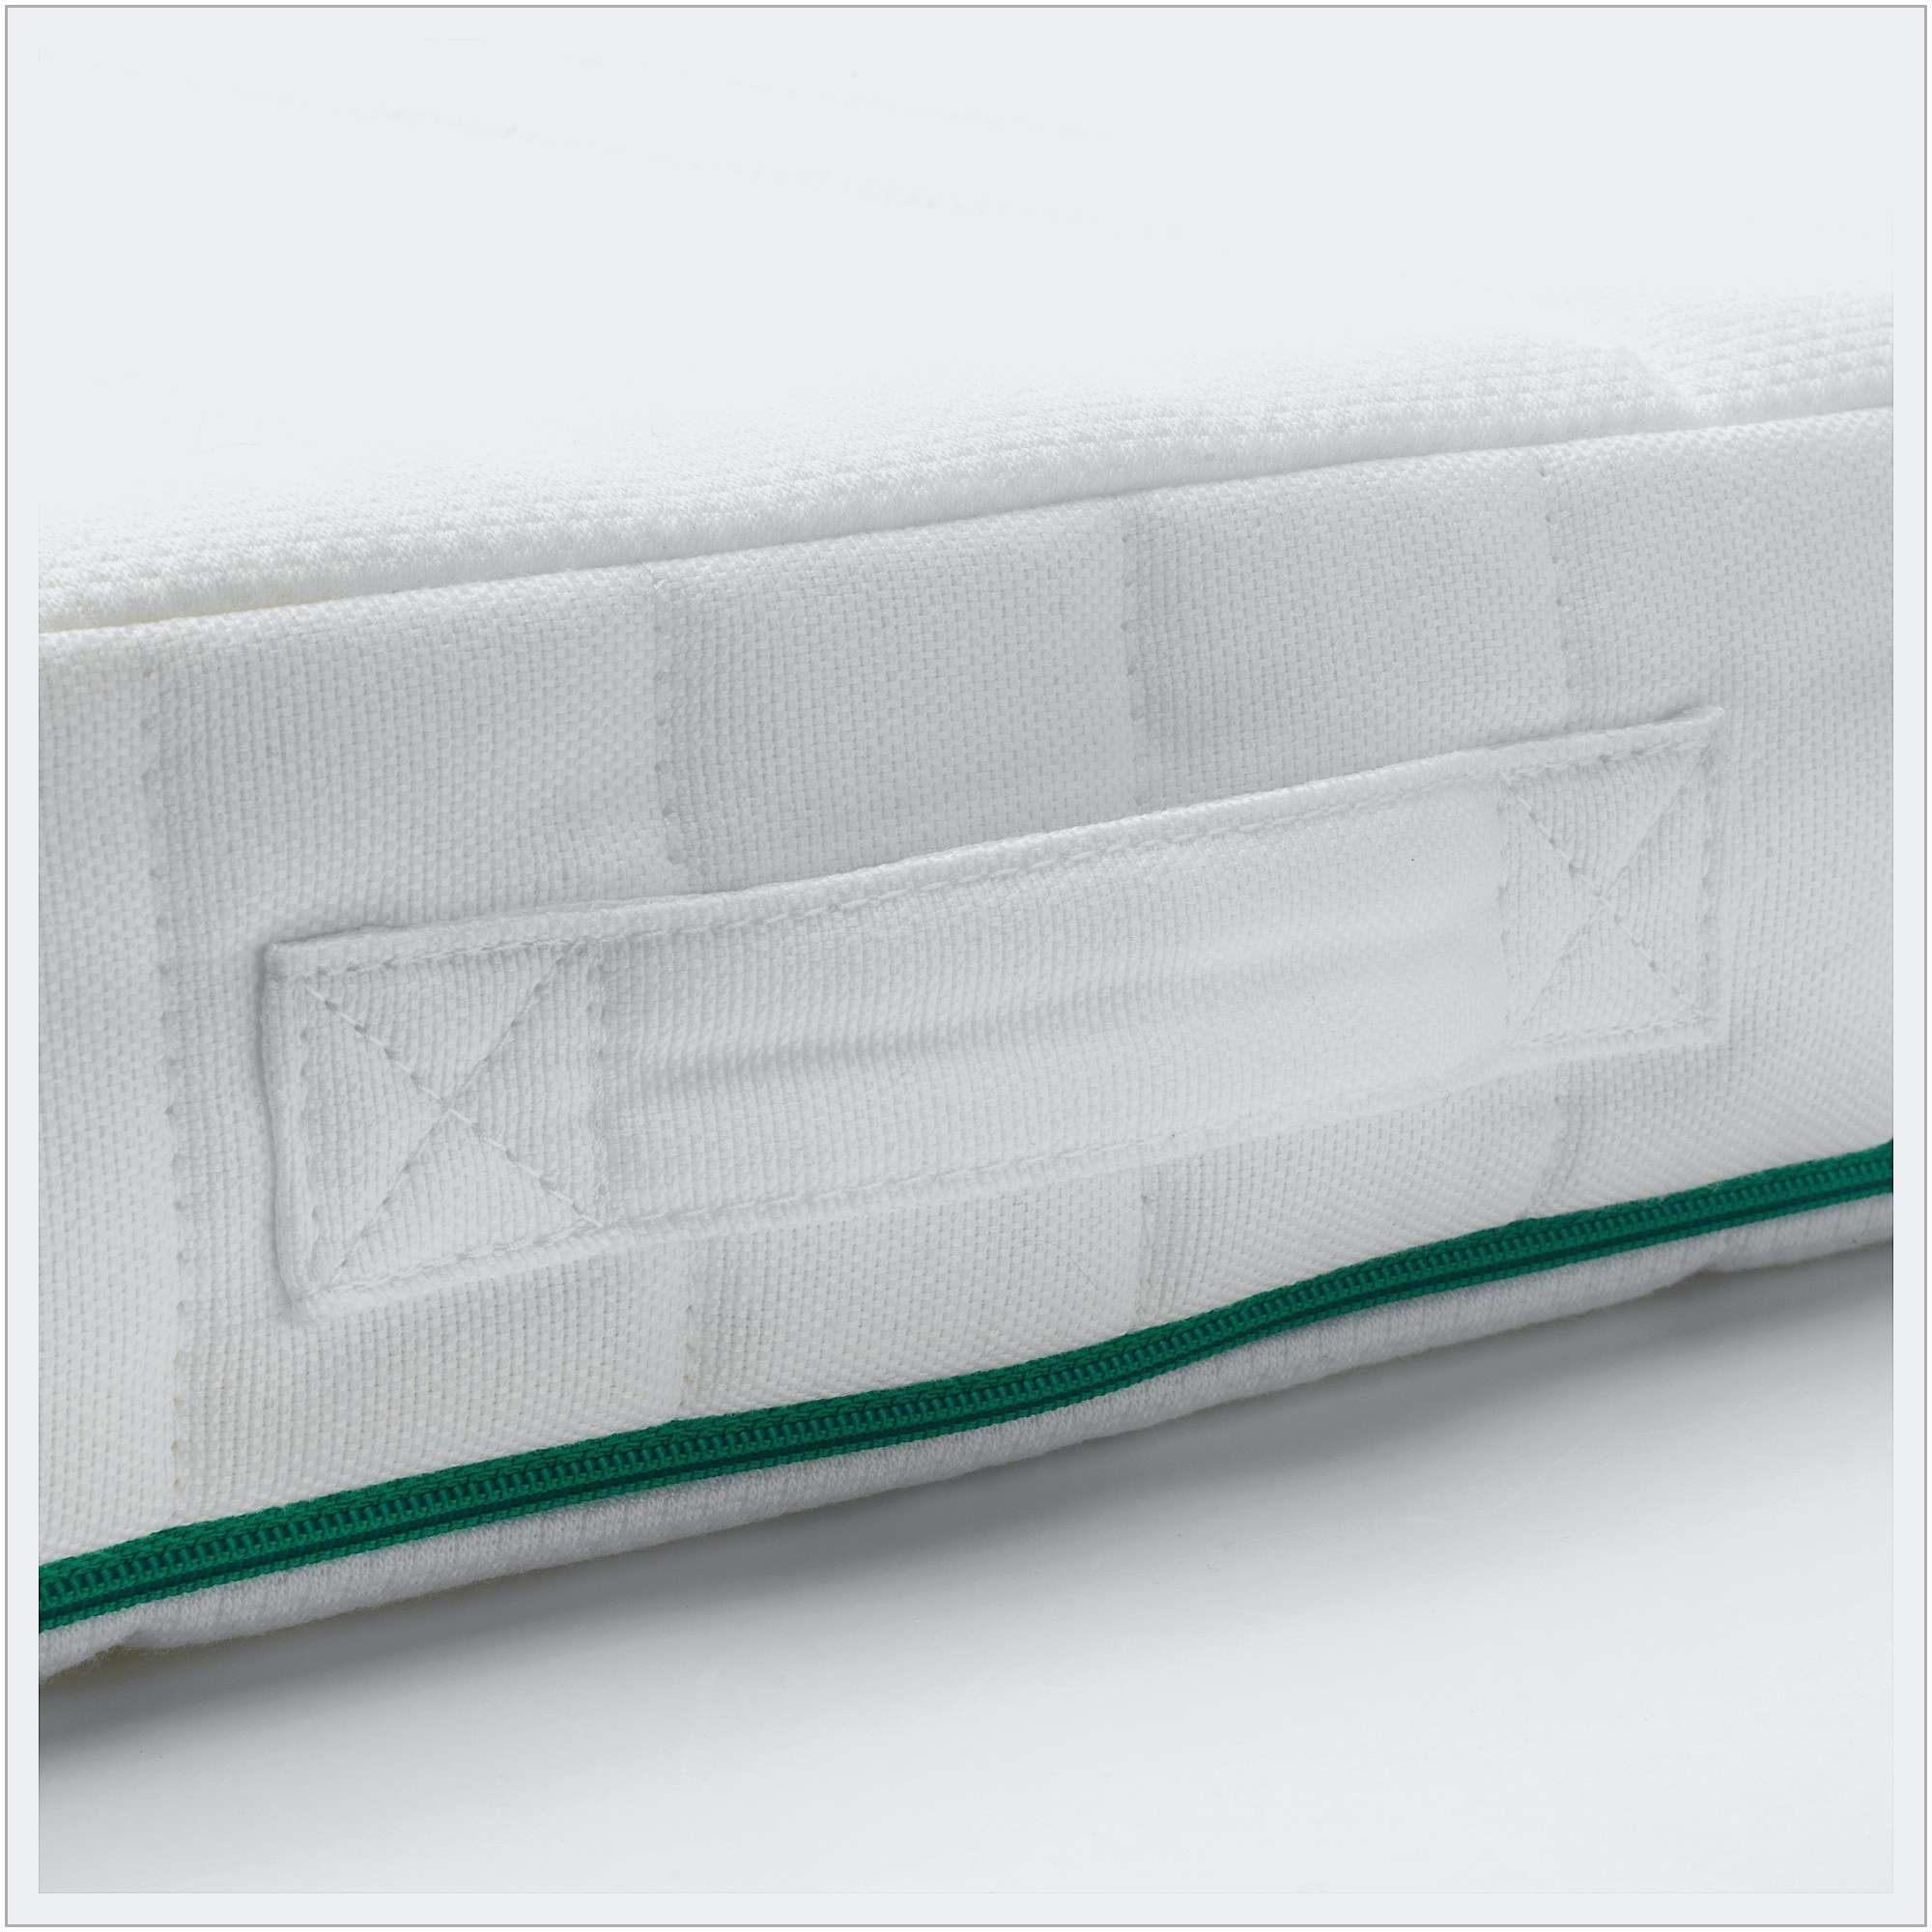 Dimension Couette Pour Lit 160×200 Luxe Elégant Ikea Drap De Lit Beau Matelas 80—200 Ikea Fabulous Best Lit